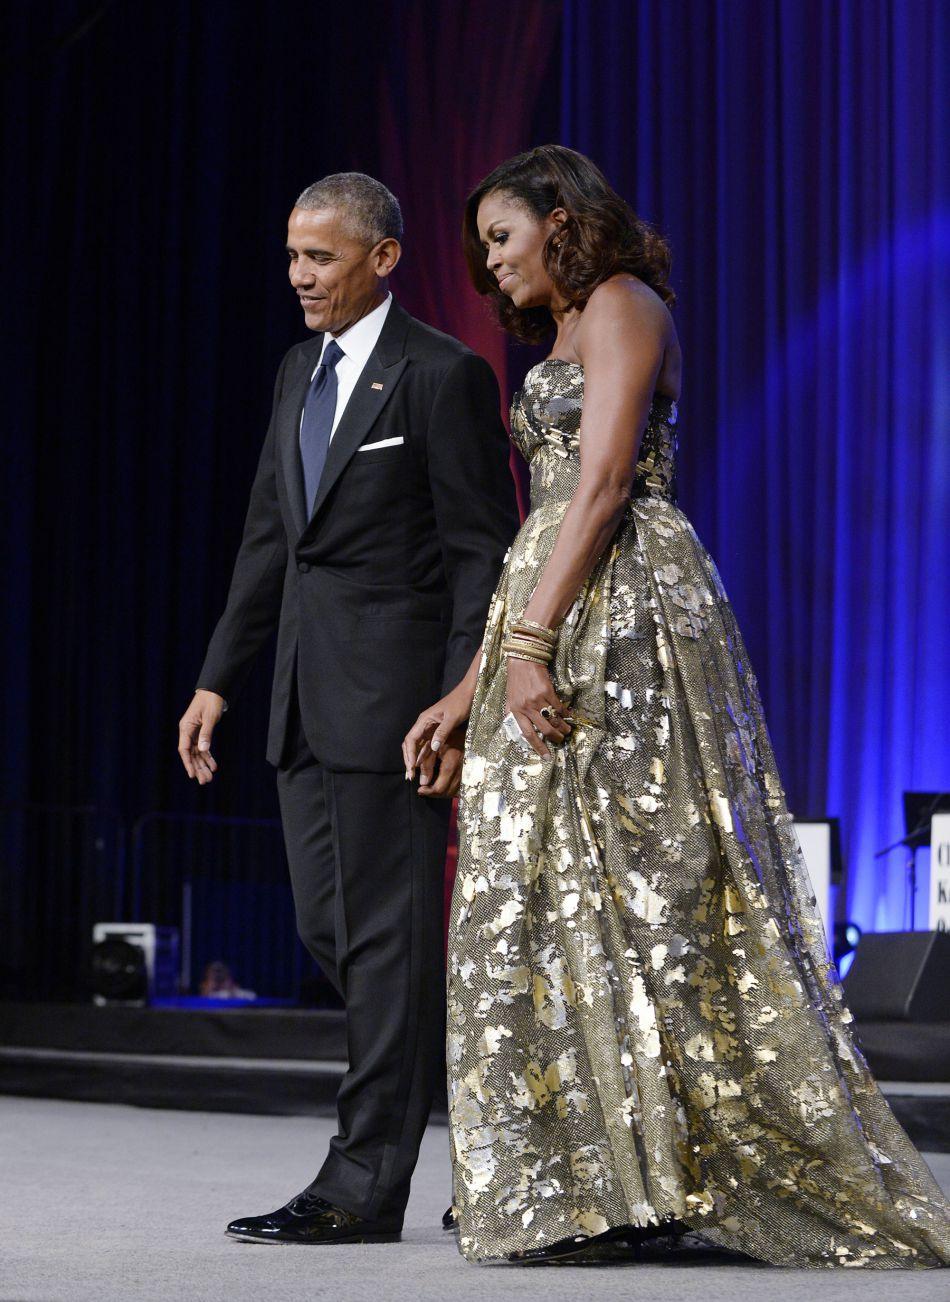 Barack et Michelle Obama, le plus beau couple présidentiel que les Etats-Unis ont jamais connu !